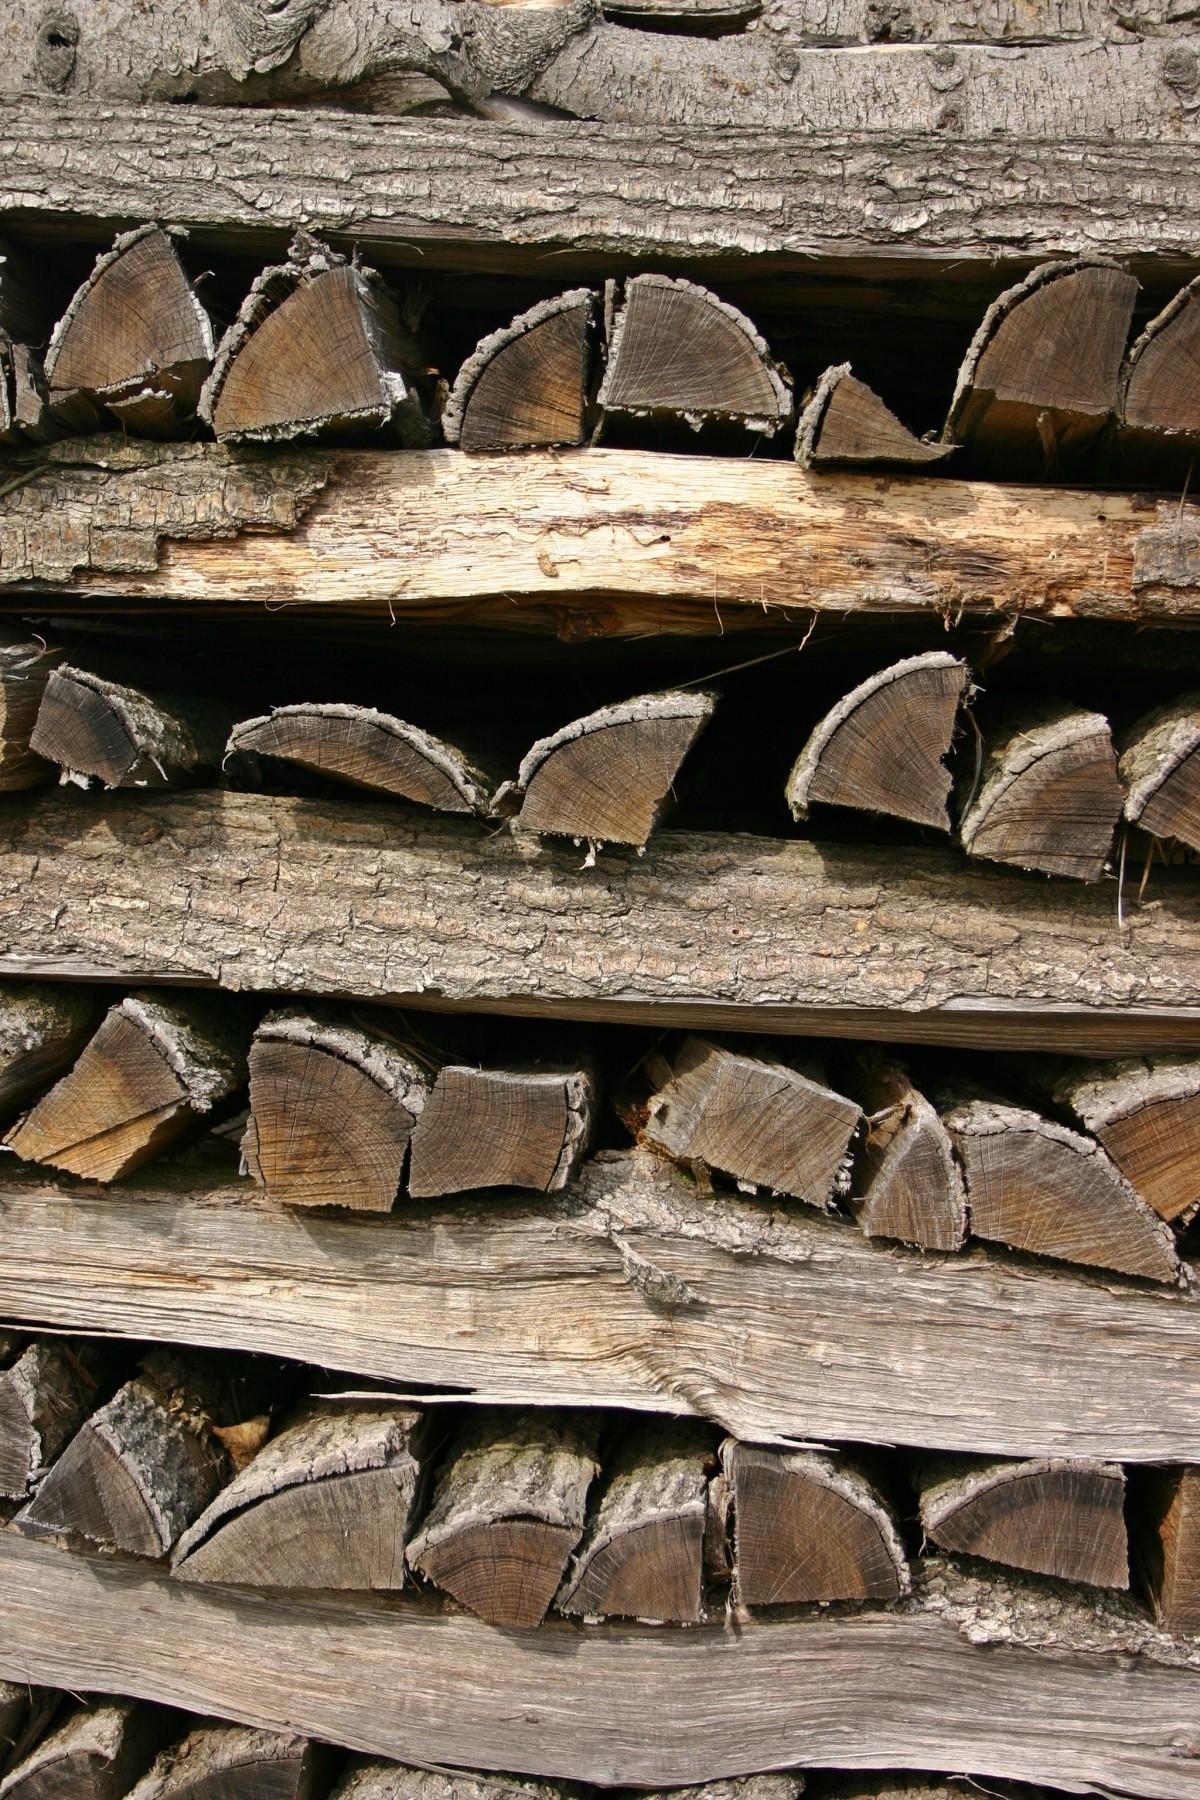 Images gratuites arbre la nature roche branche texture feuille tronc b che l 39 automne - Arbre fruitier comme bois de chauffage ...